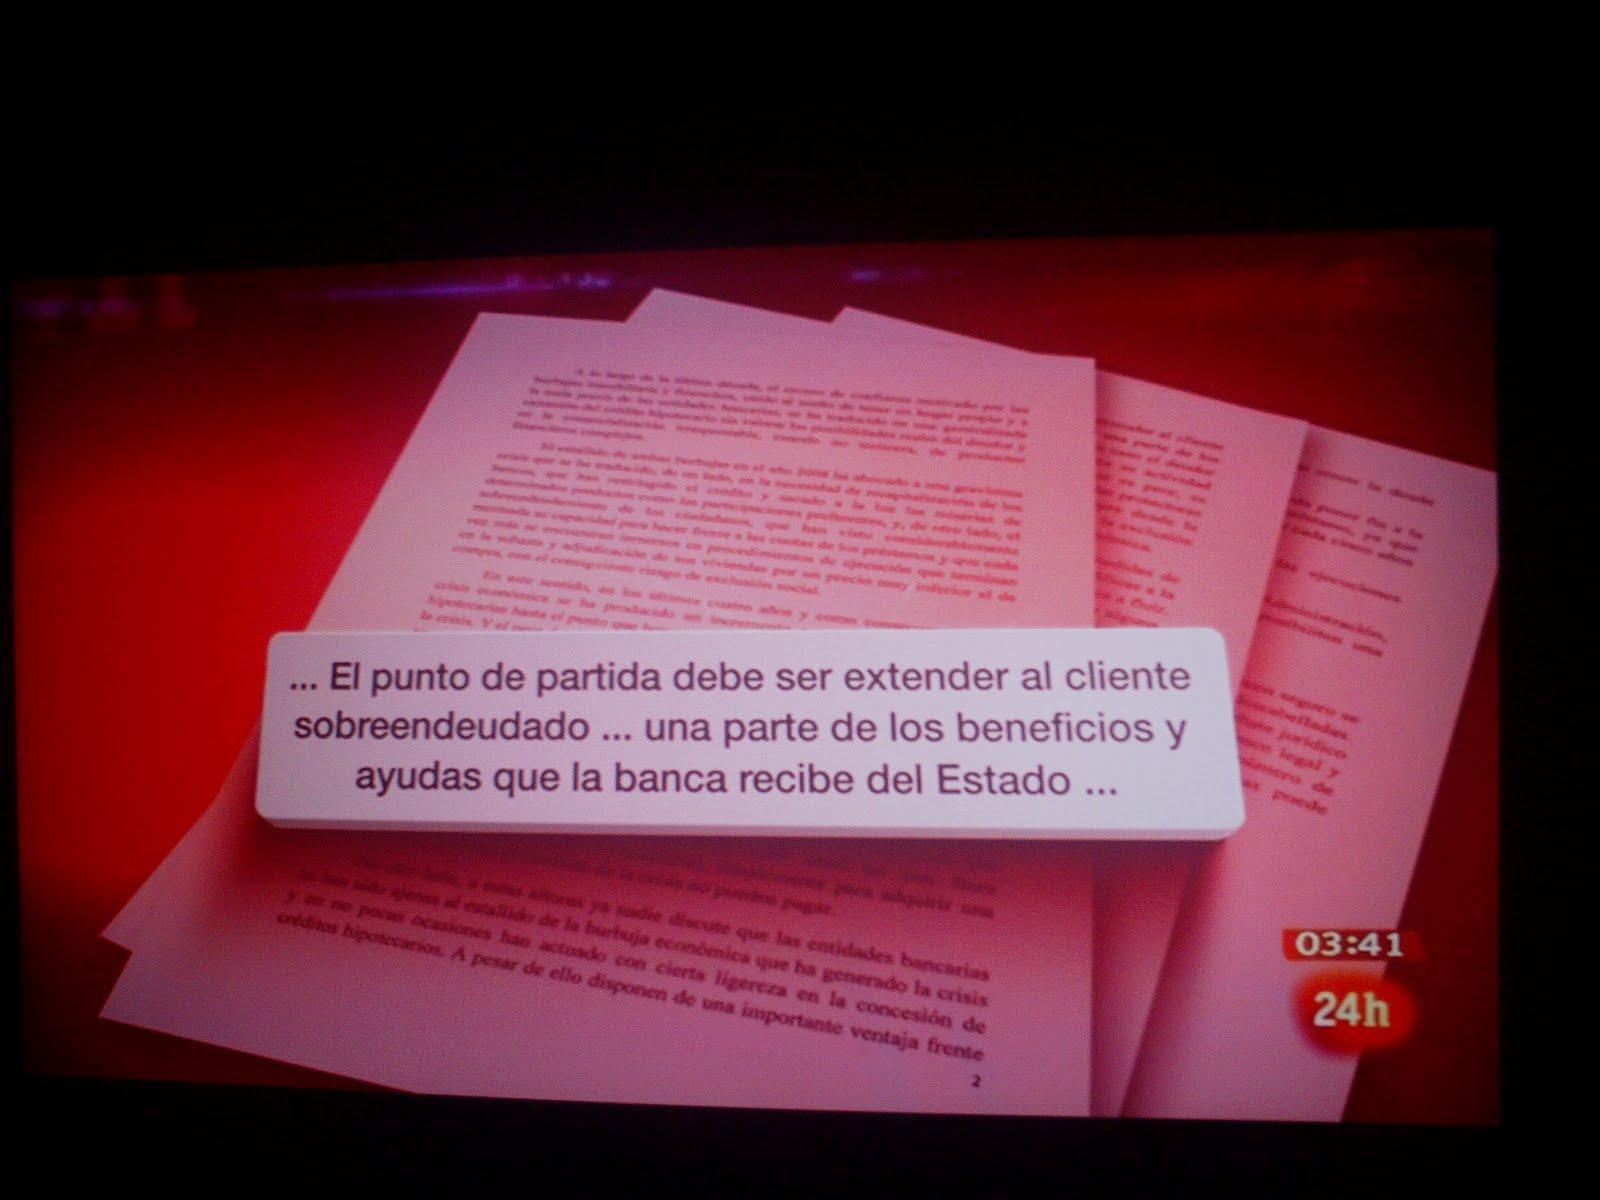 La gran corrupci n entre cretinos y vividores - Pisos de caixa catalunya ...